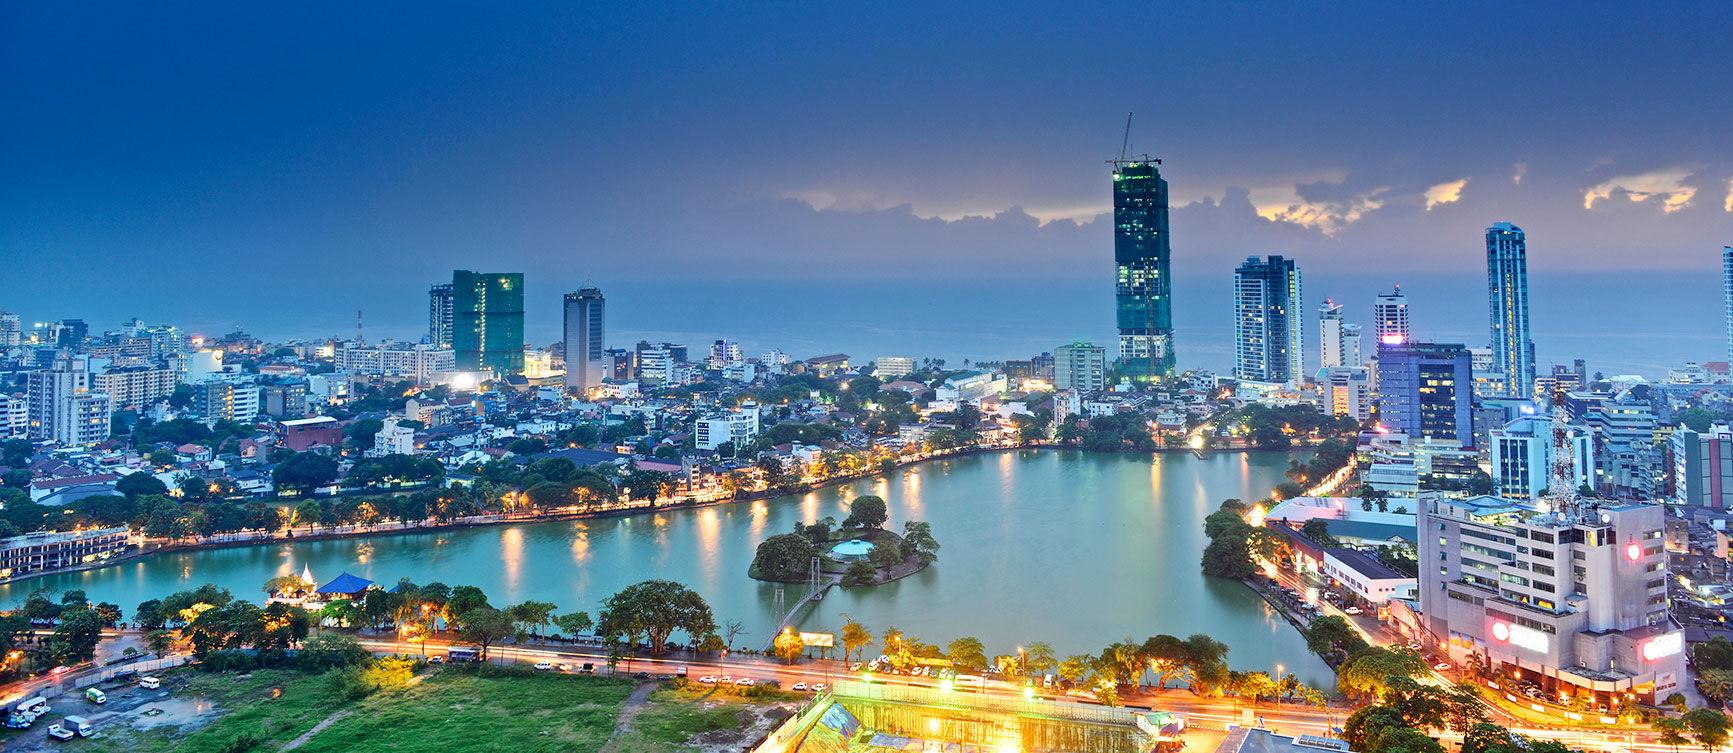 Kolombo, thekoala | istockphoto.com